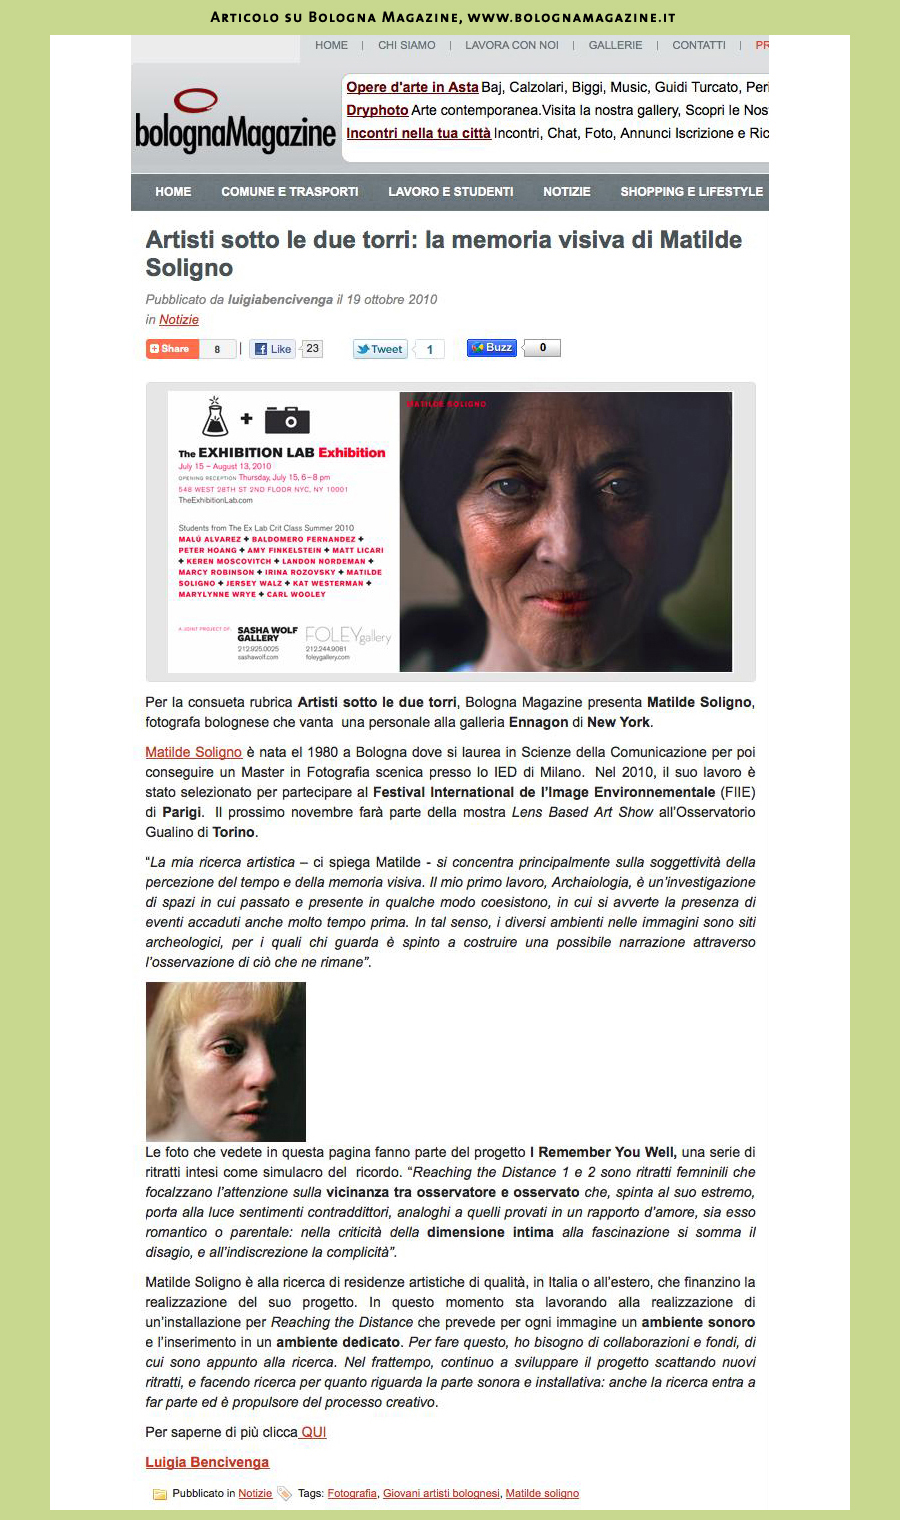 Articolo su Bologna Magazine, www.bolognamagazine.it